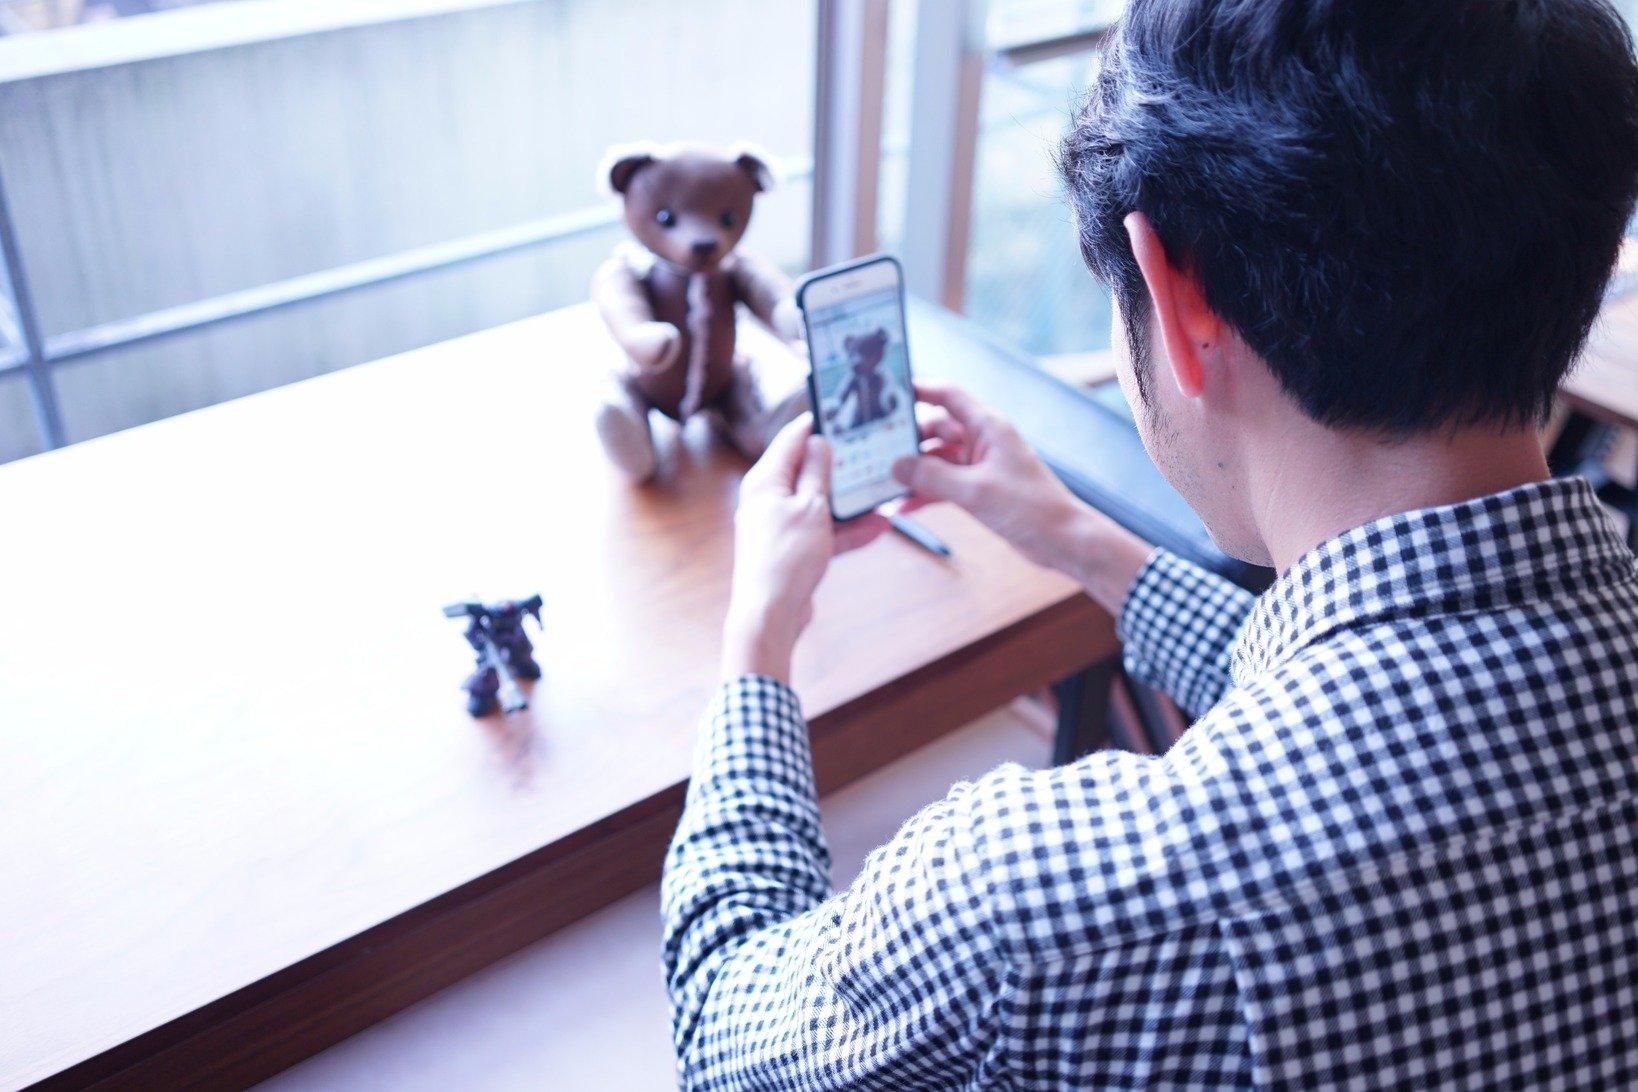 まきのさん所有のiPhone8による撮影も実施。